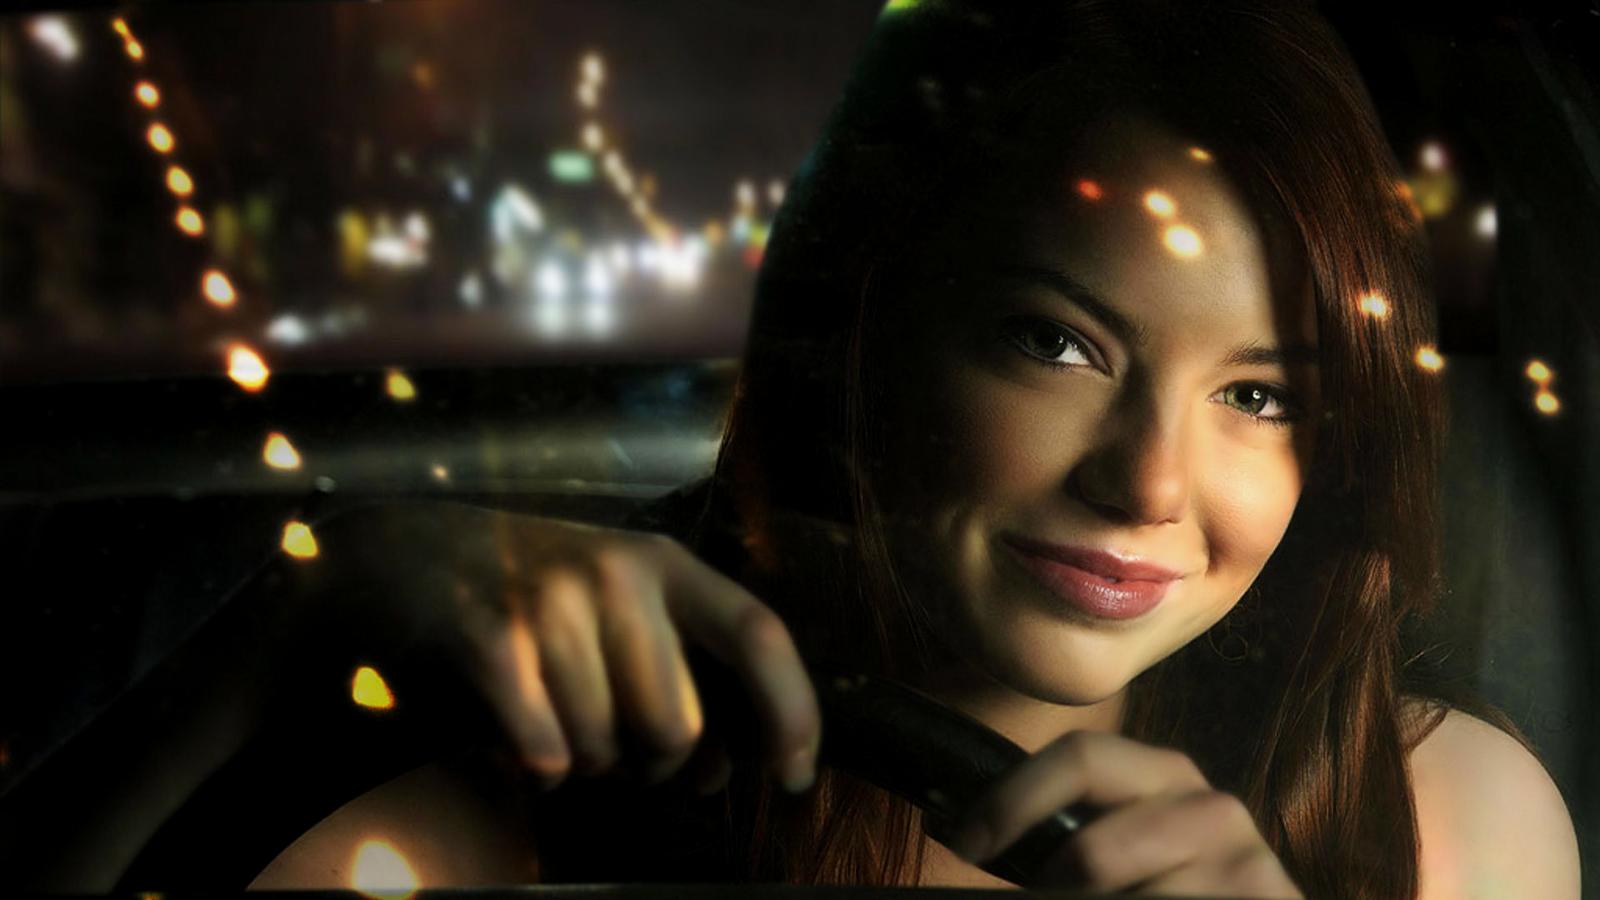 http://1.bp.blogspot.com/-LJGn2QX76Mg/T9NpuXVZwAI/AAAAAAAACIo/28Dzx3M1mOs/s1600/Emma_Stone_Driving_Car_HD_Wallpaper-Vvallpaper.Net.jpg